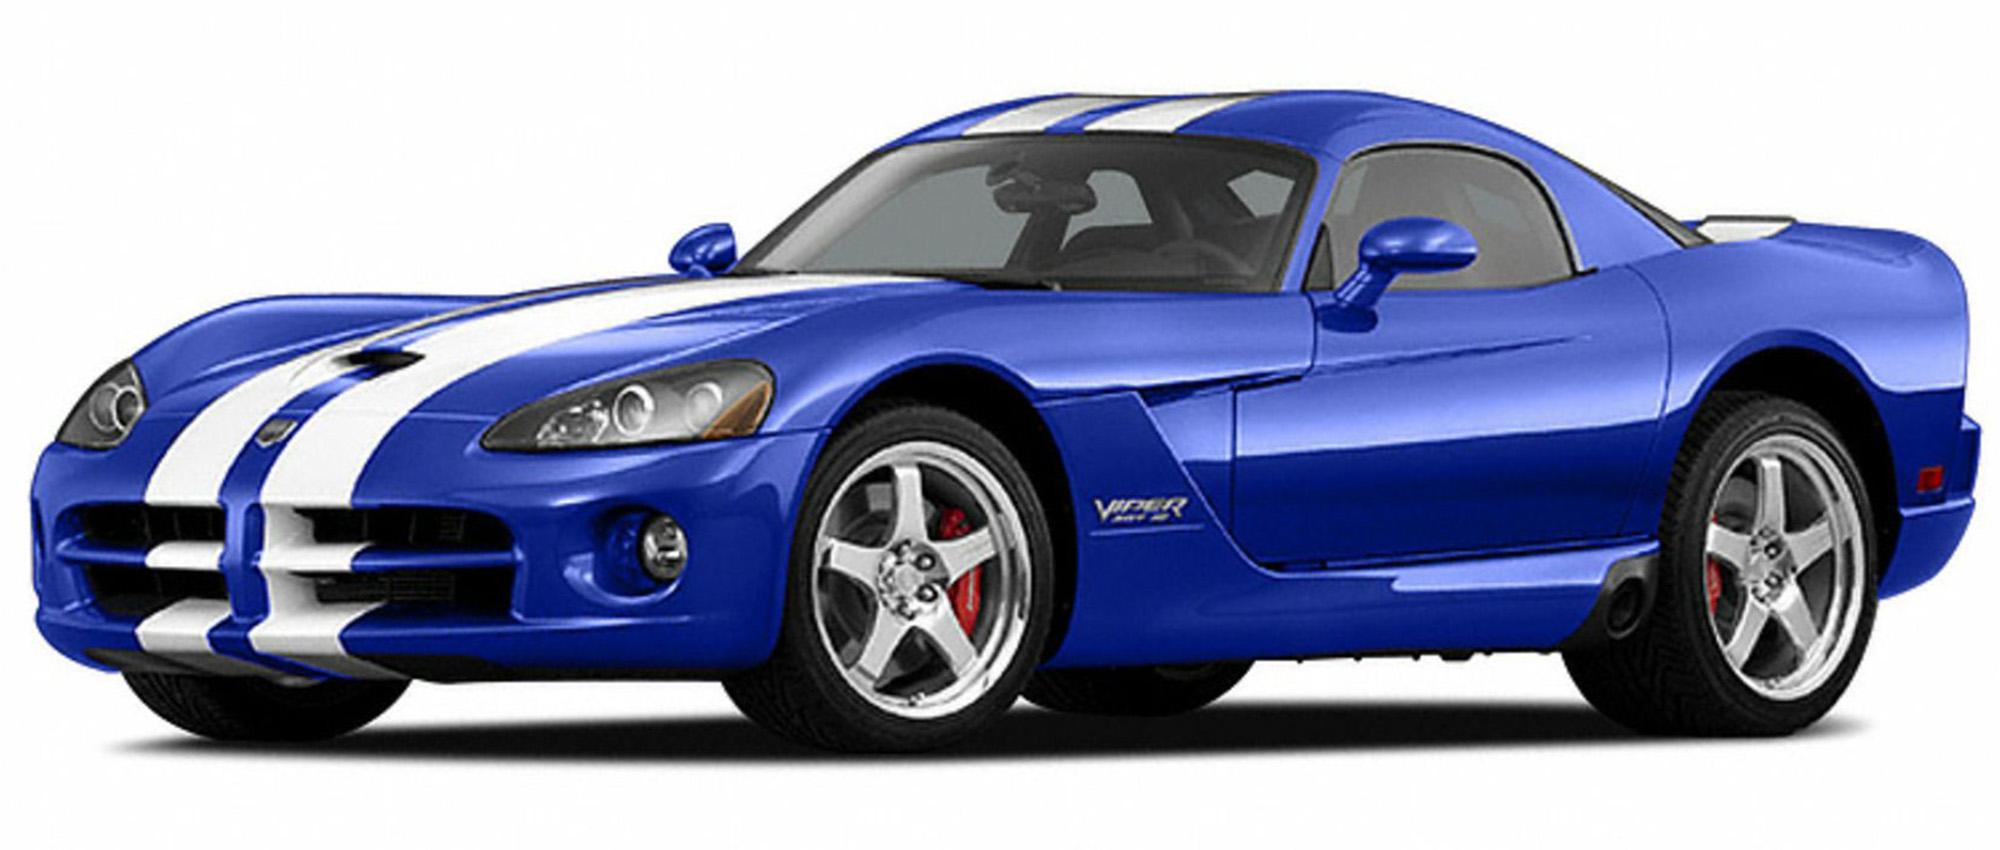 2005-2006 Dodge Viper: Recall Alert